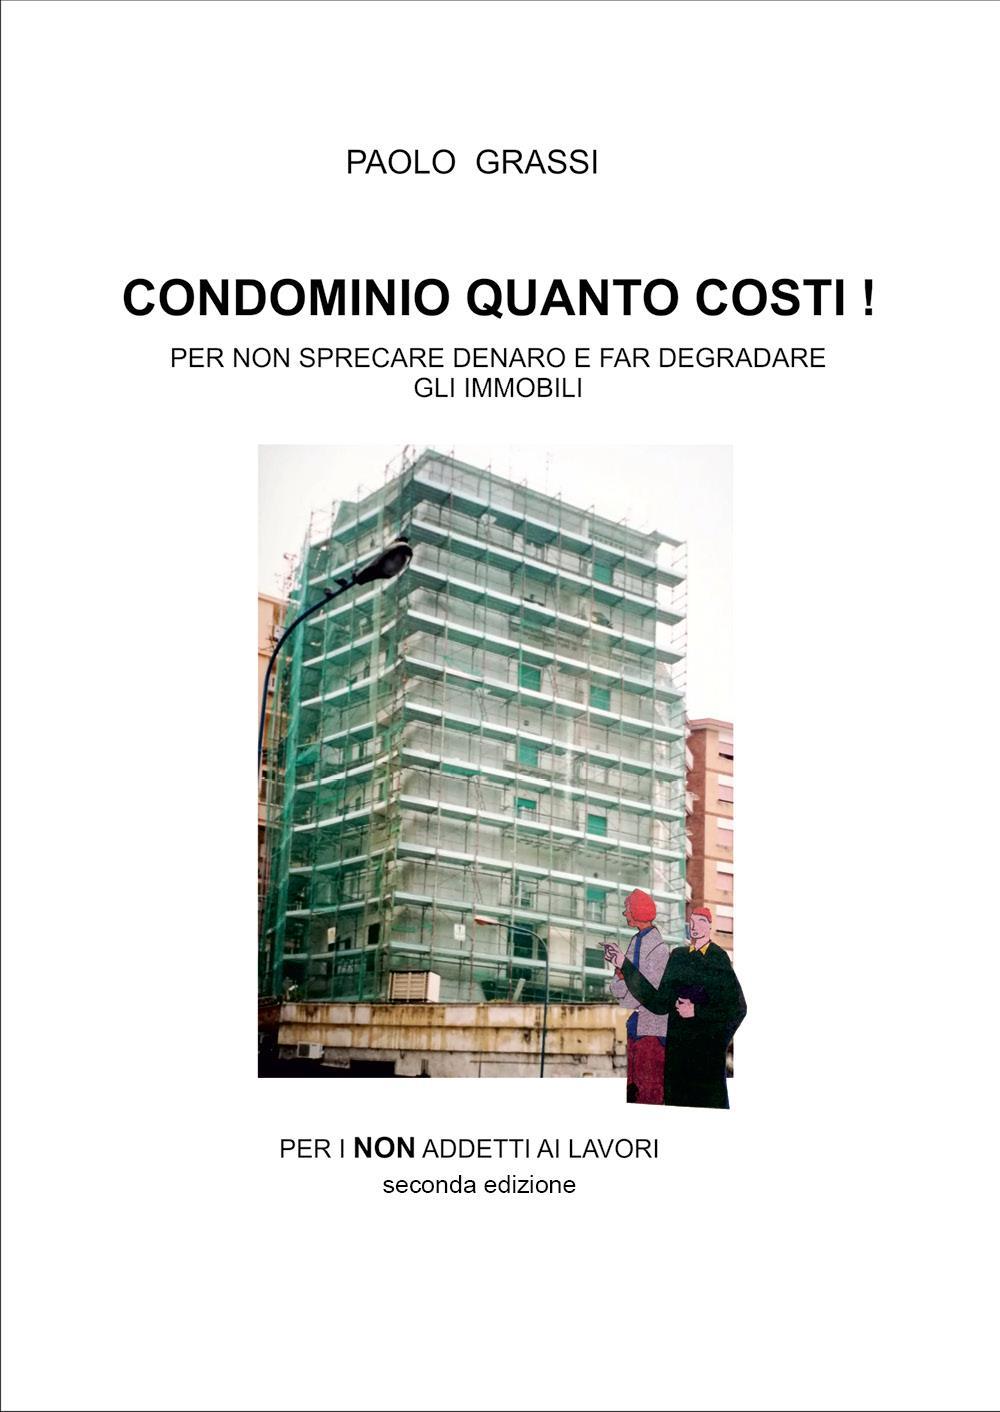 Condominio quanto costi!